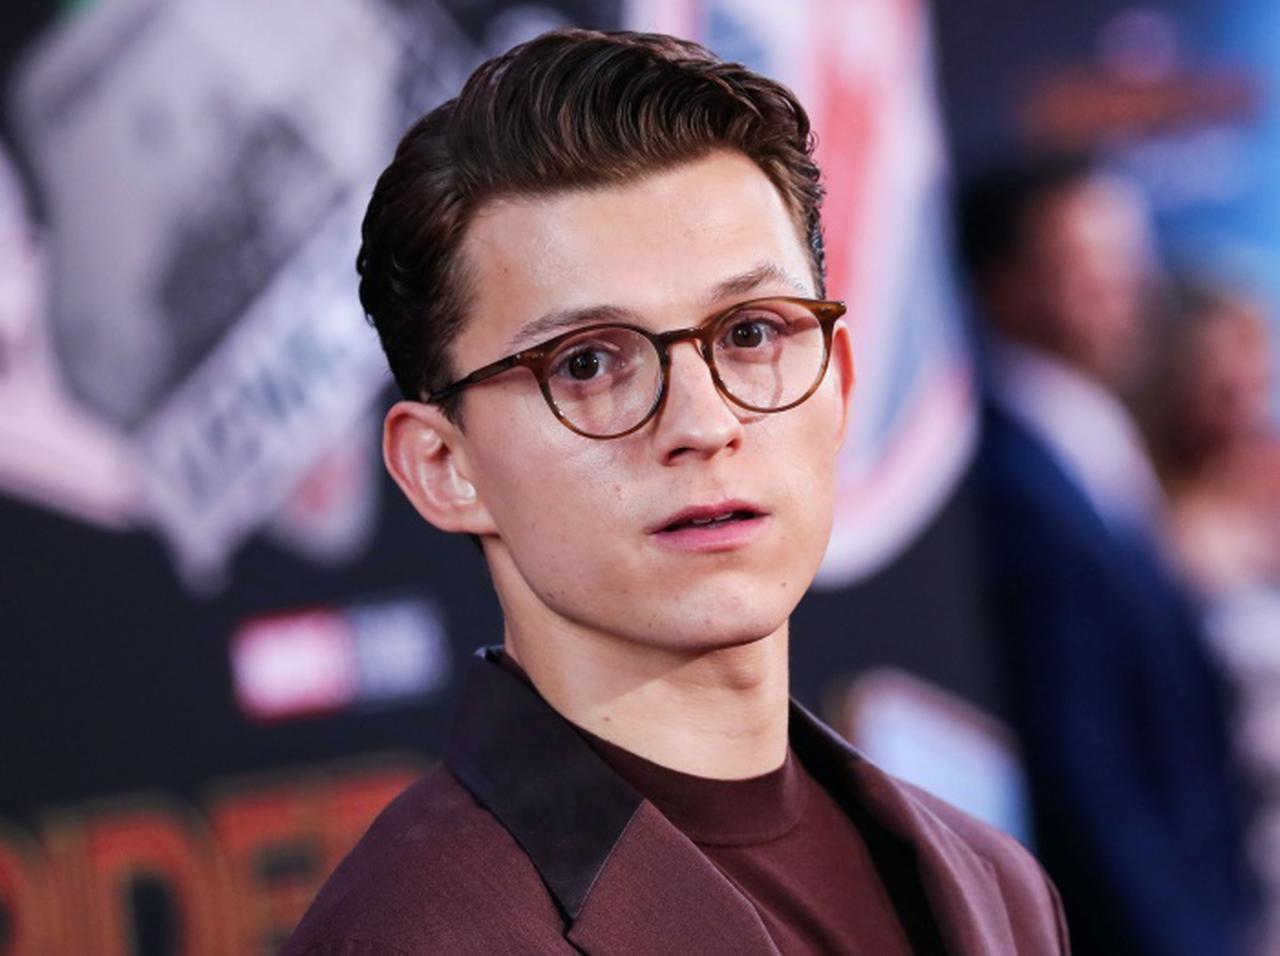 画像: トム・ホランド、成人なのに『スパイダーマン』で高校生っぽく見せたテクを明かす - フロントロウ -海外セレブ情報を発信